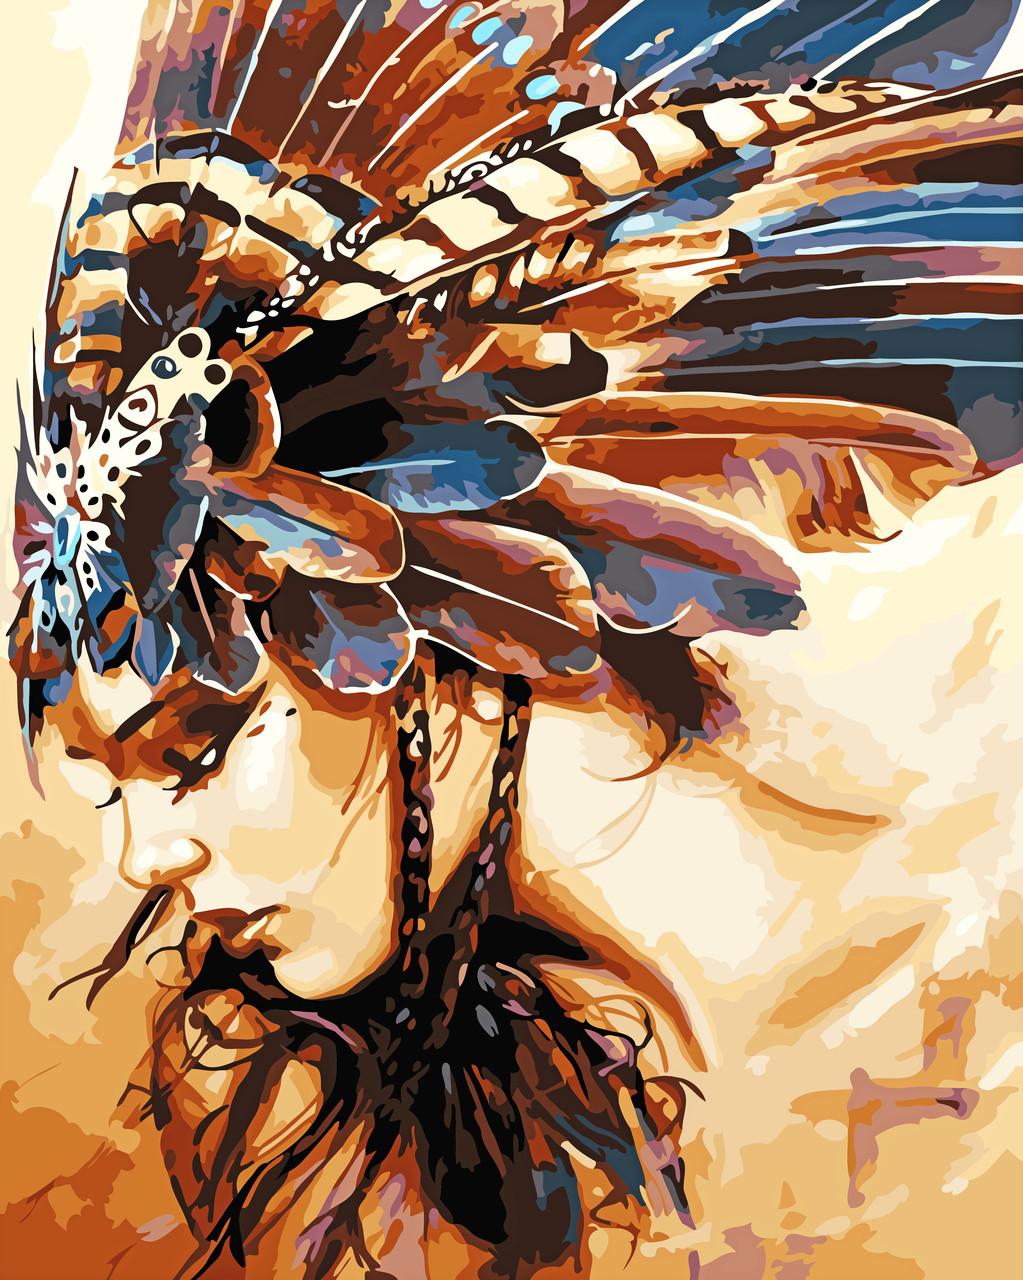 Художественный творческий набор, картина по номерам Принцесса племени, 40x50 см, «Art Story» (AS0560)